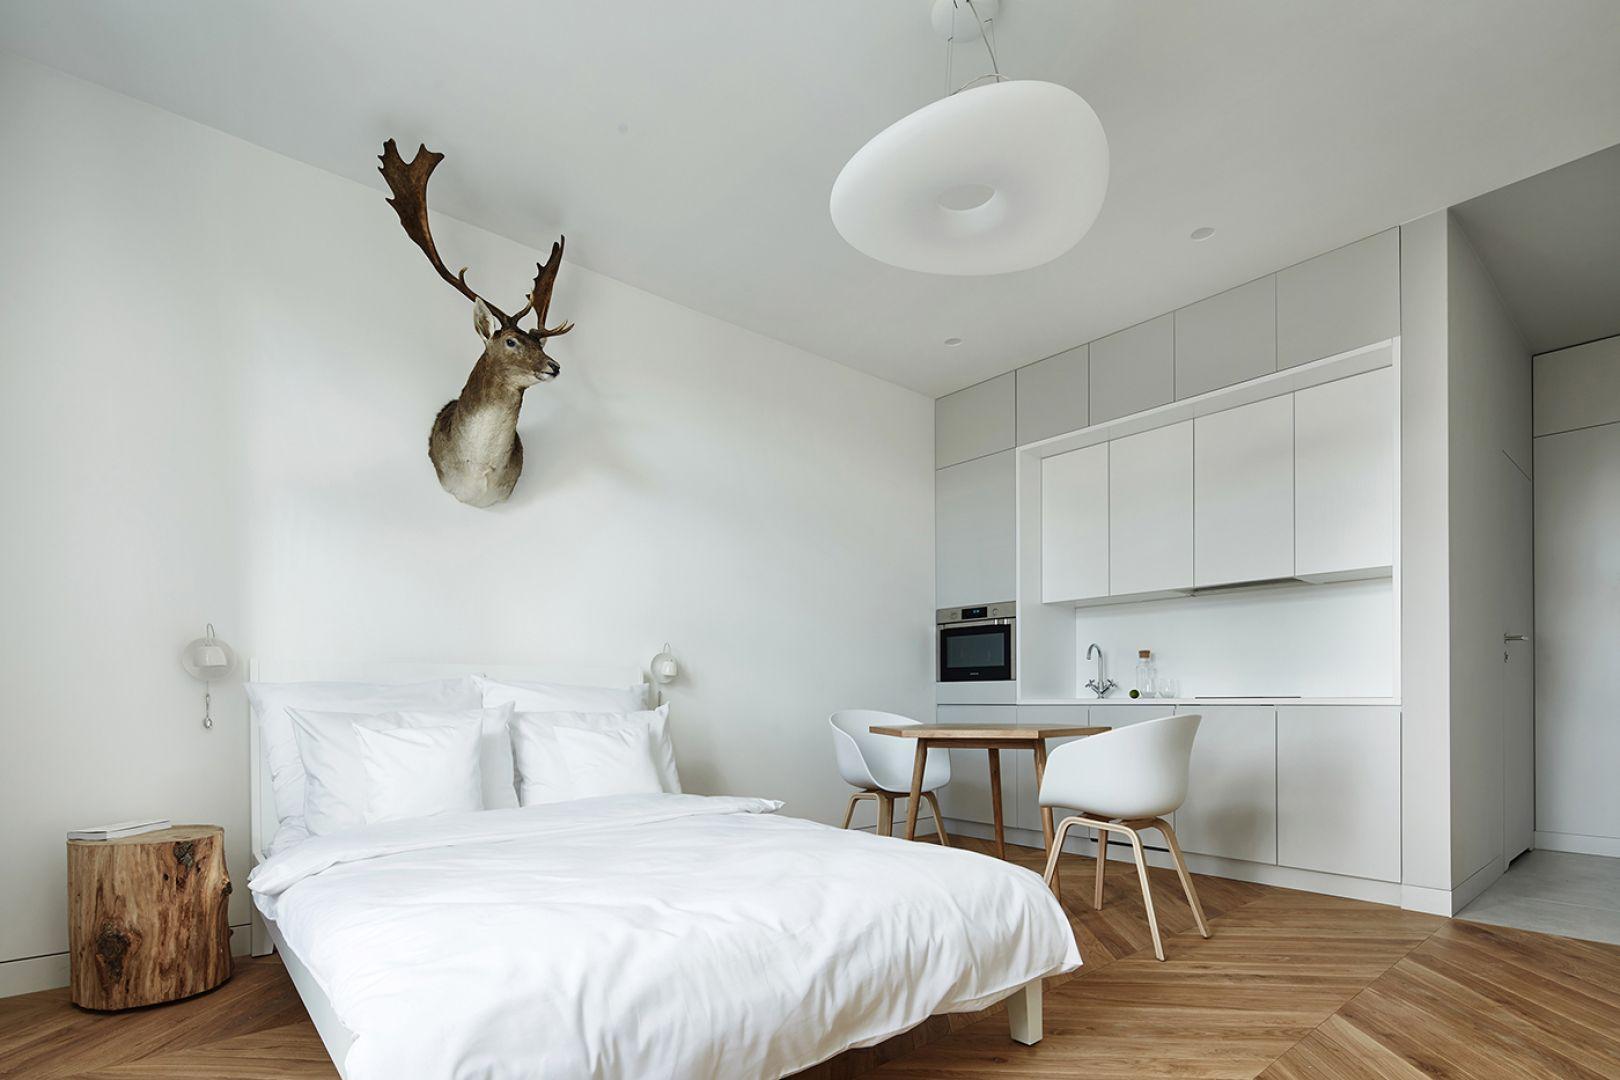 Mieszkanie o powierzchni 27 m2 zostało utrzymane w konwencji przytulnego minimalizmu. Projekt: Karol Ciepliński, Blackhaus. Fot. Bartłomiej Senkowski